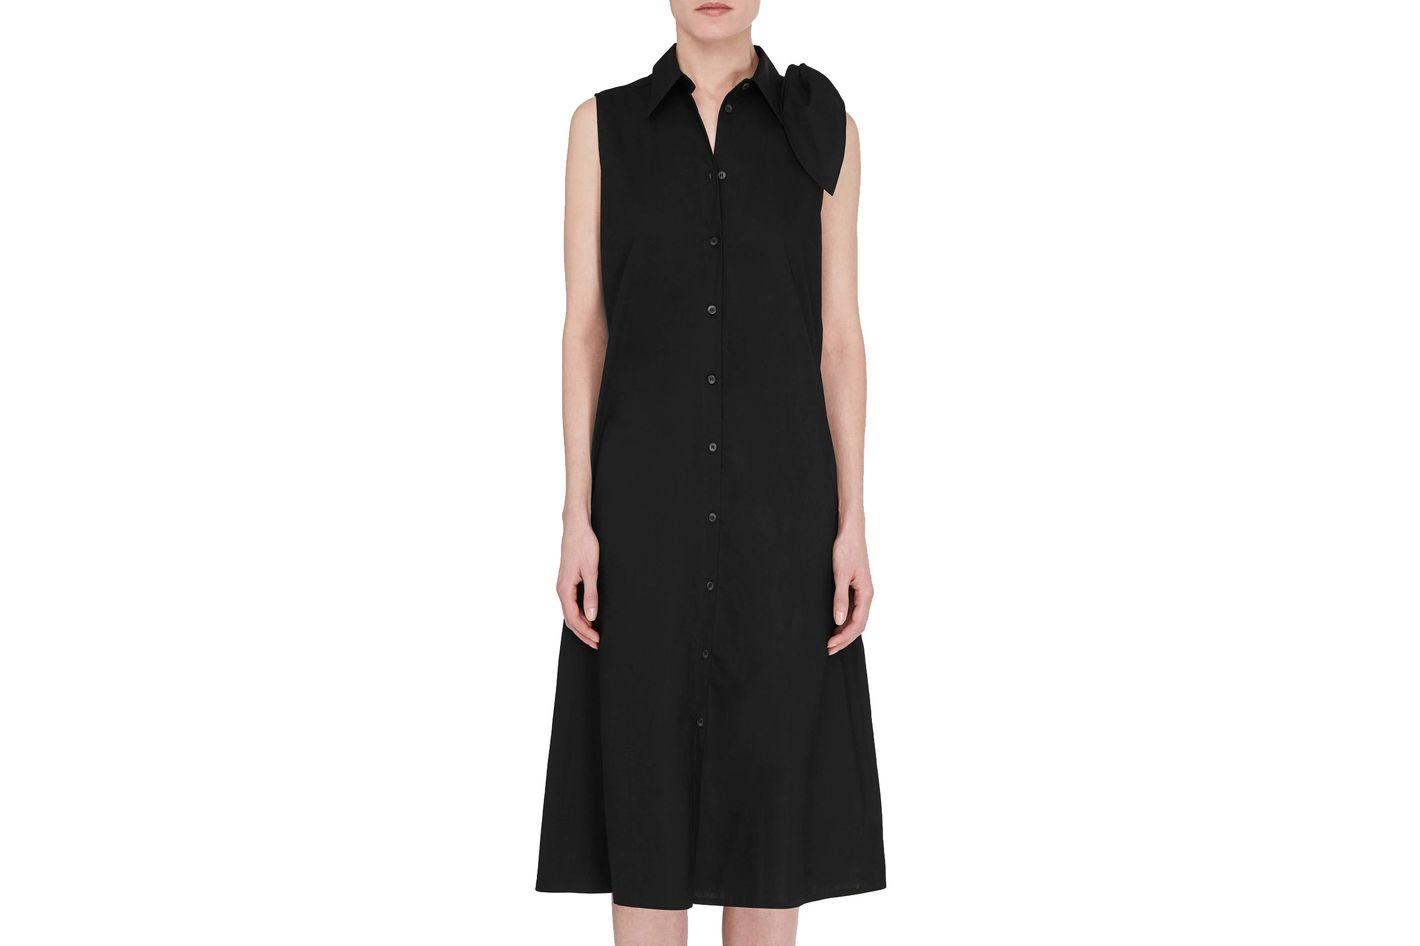 MM6 Maison Margiela Shoulder Tie Dress